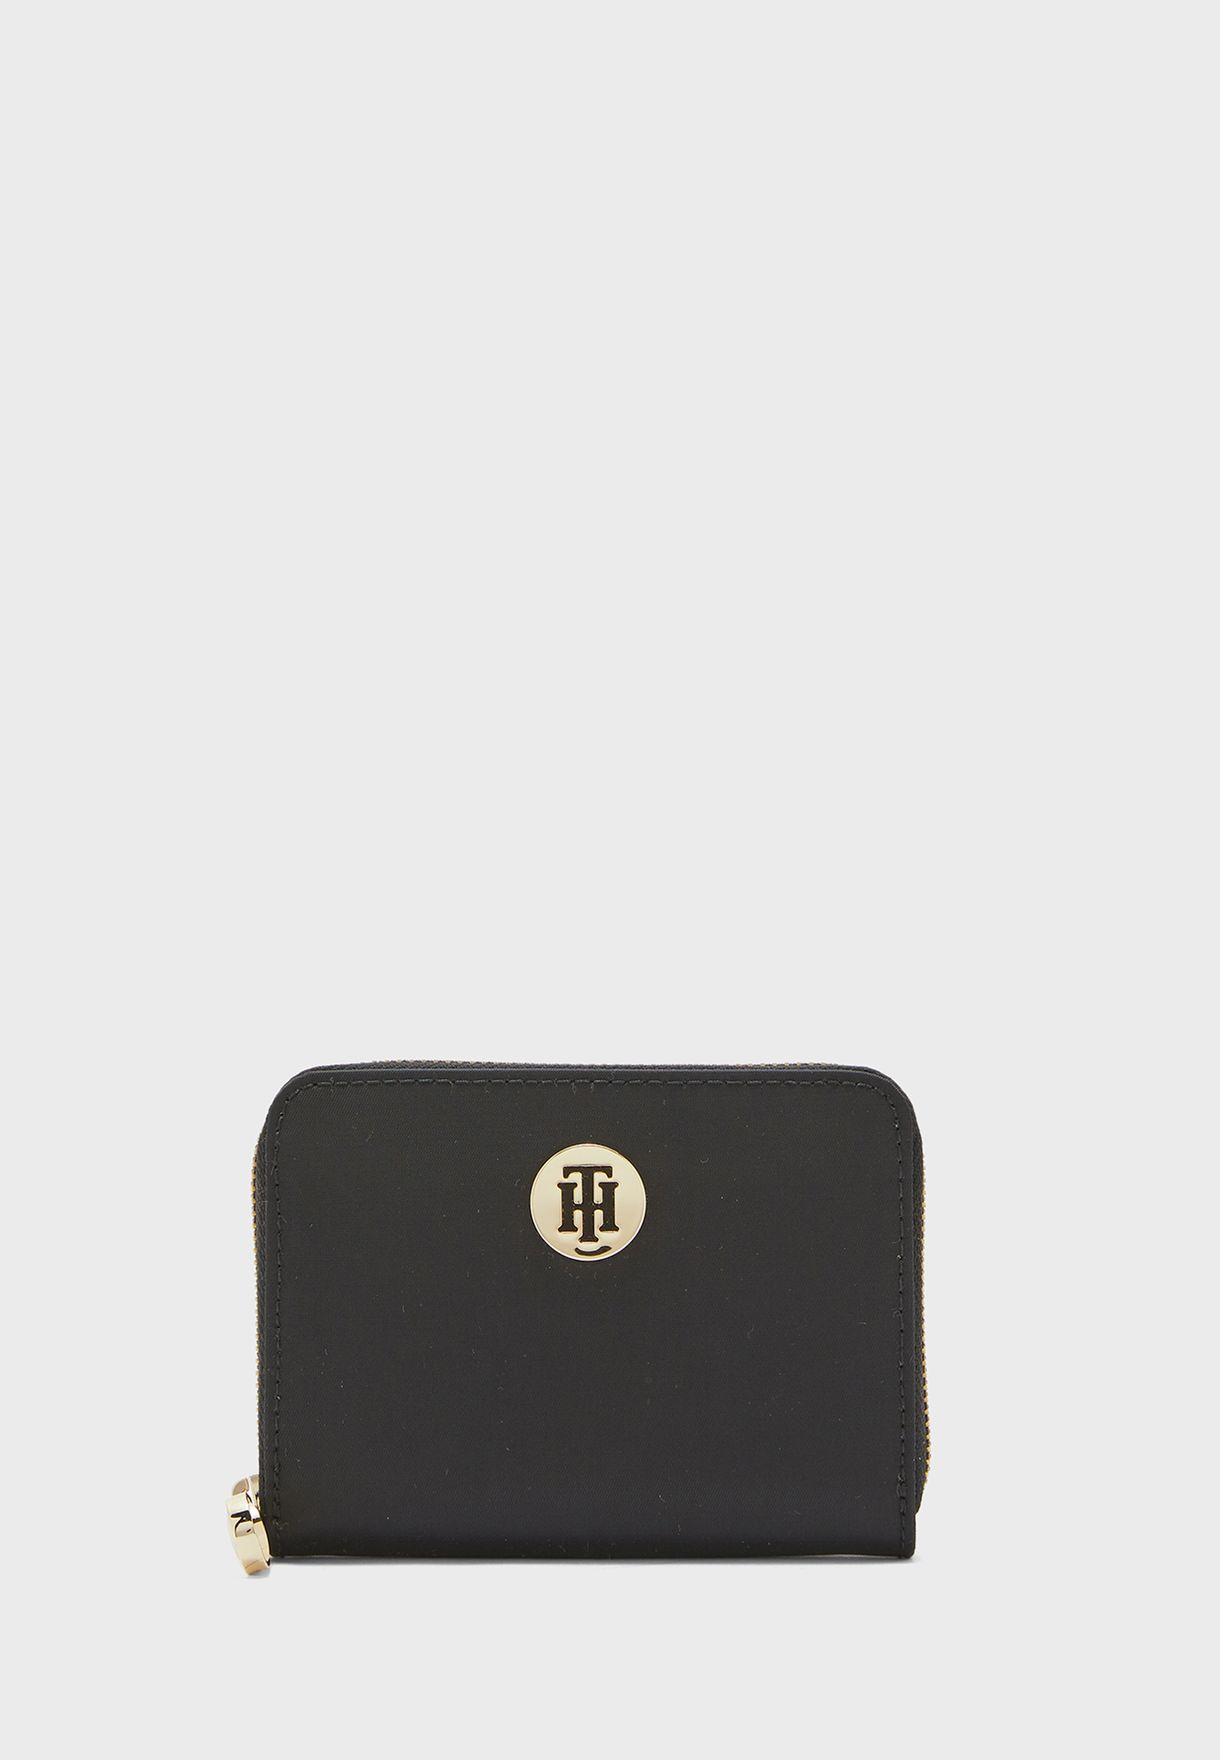 محفظة بسحاب مزينة بشعار الماركة